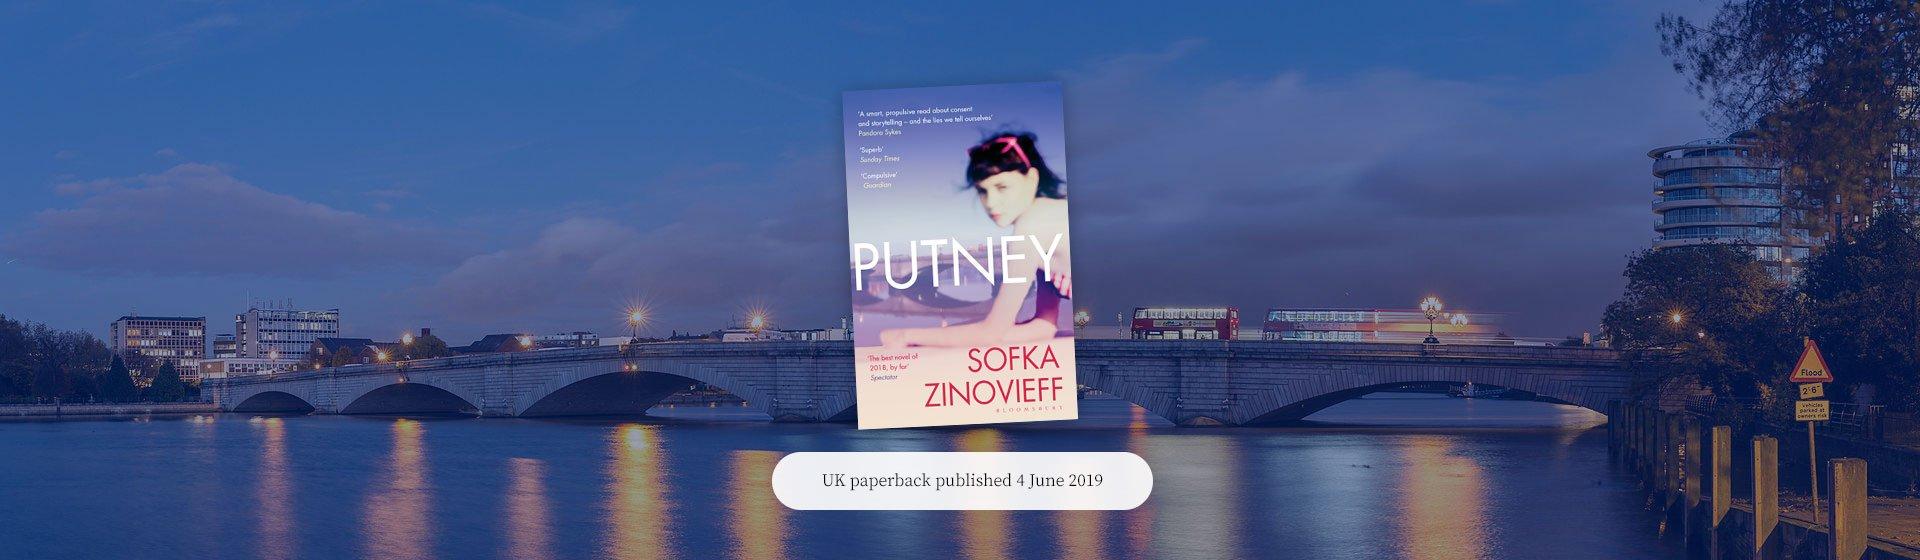 putney-paperback-slide